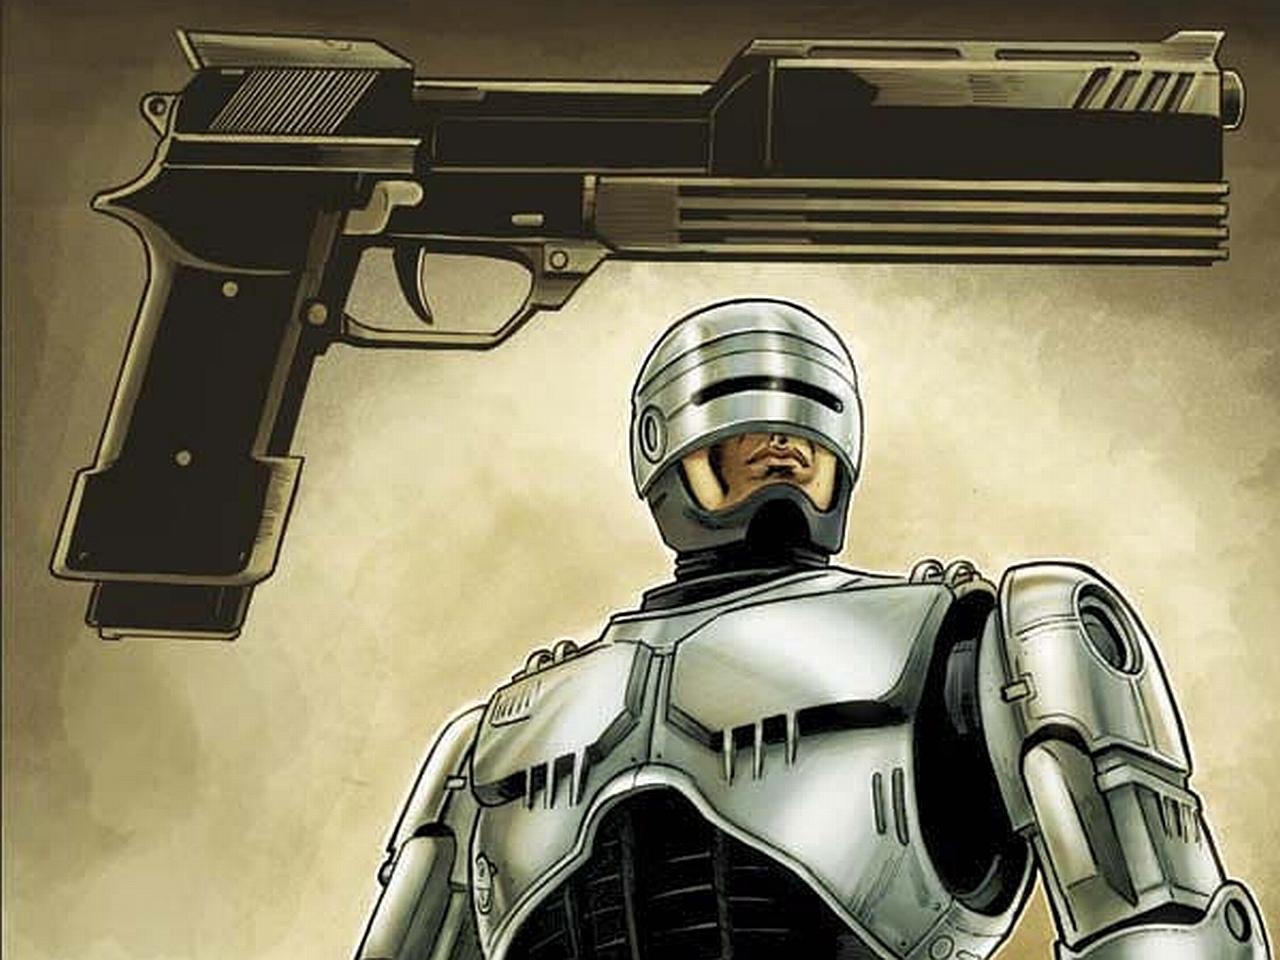 Robocop Comics wallpapers HD quality